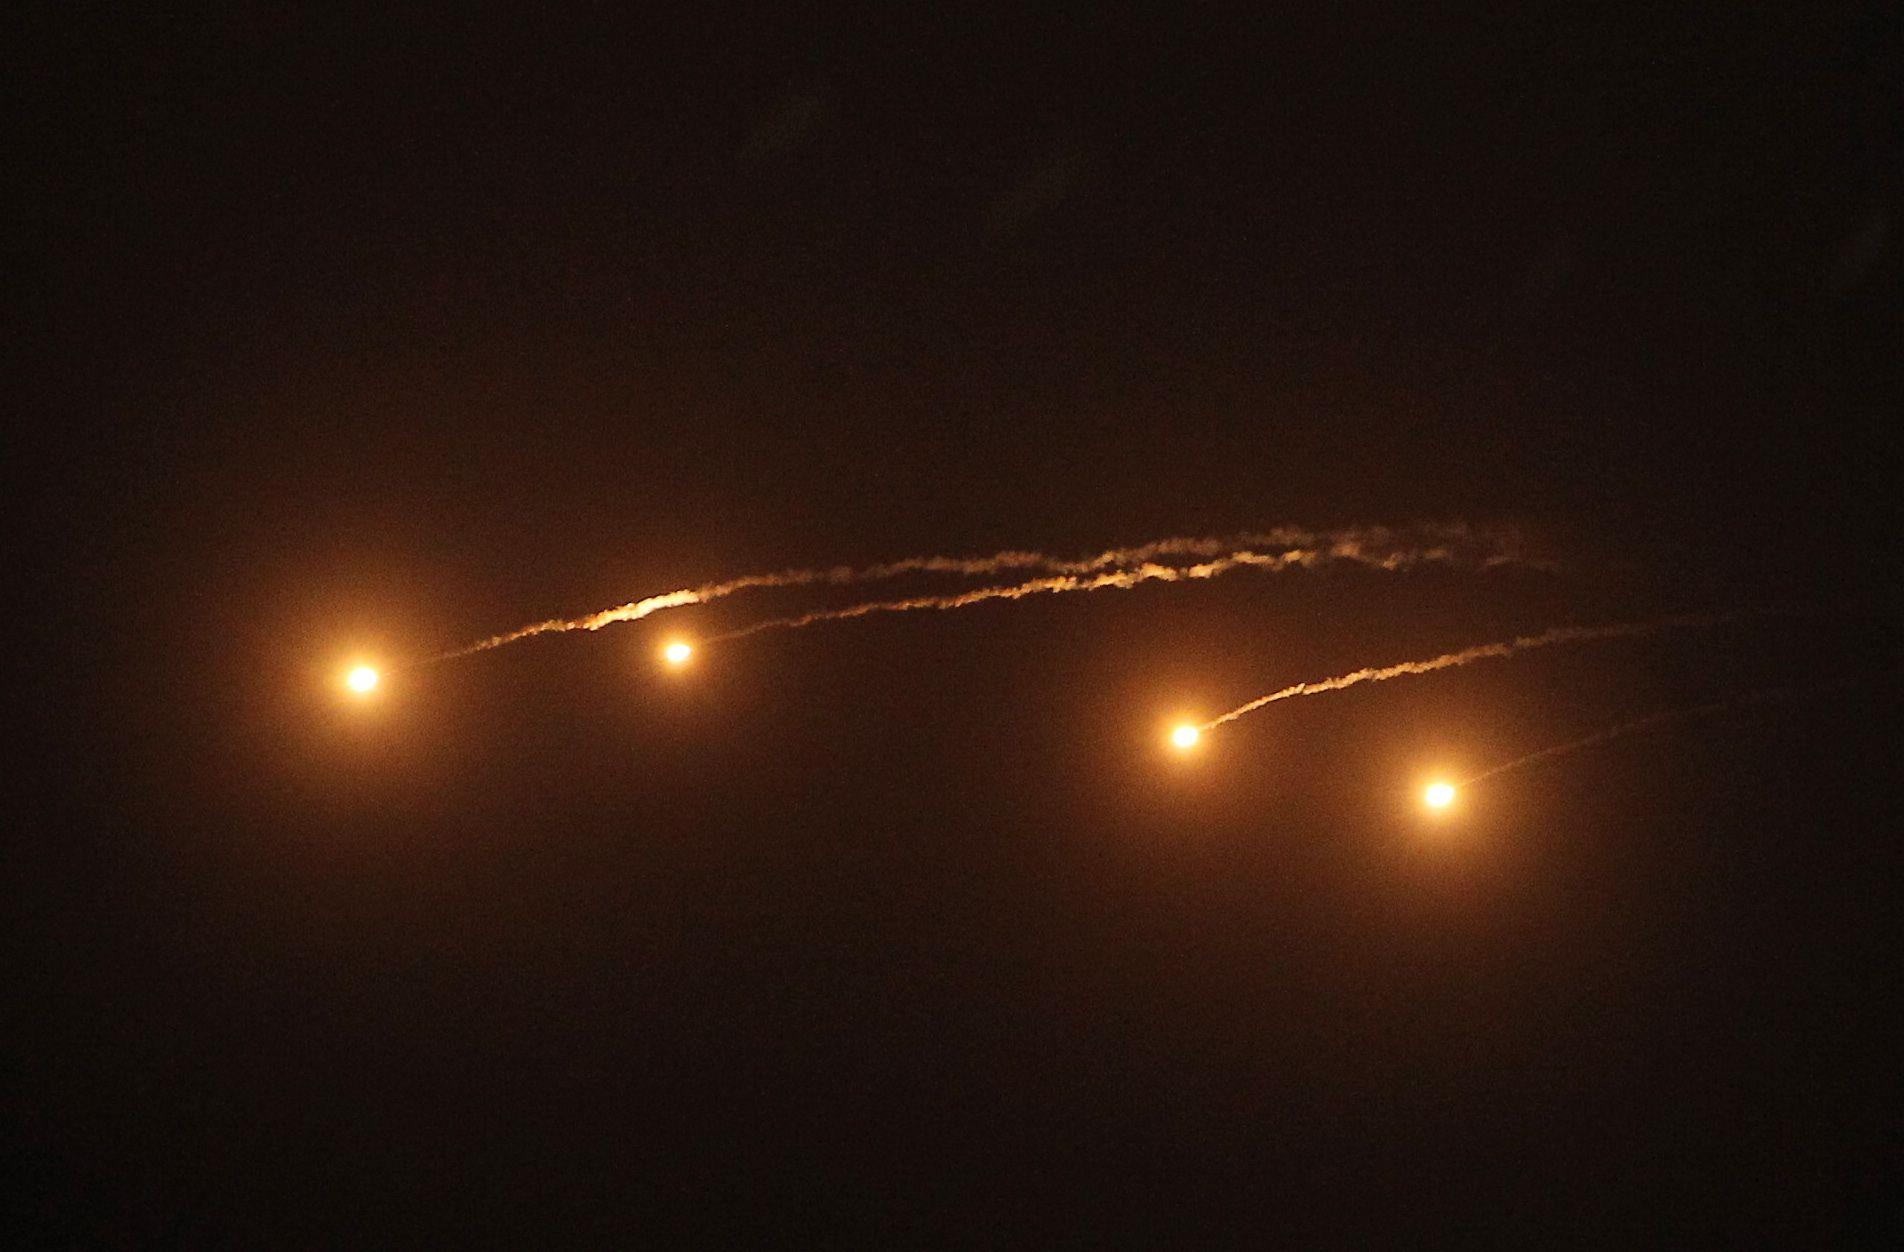 空軍IDF戰機施放火焰彈。(記者邱榮吉/台中拍攝)